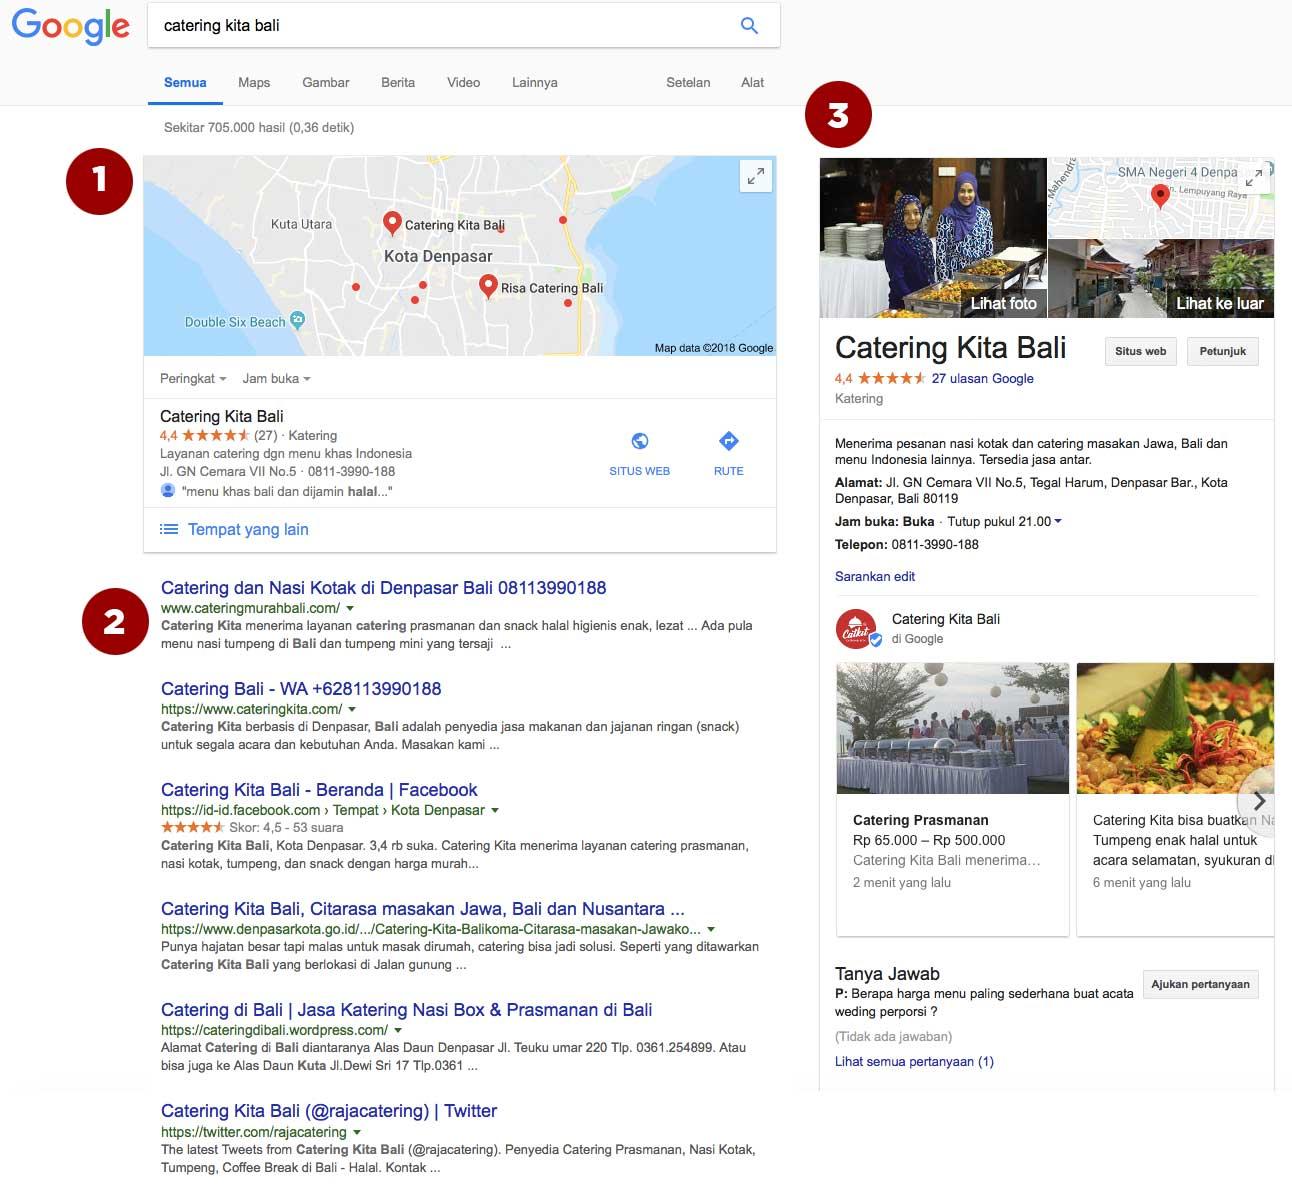 Manfaat Google Bisnisku Meningkatkan Rangking Bisnis